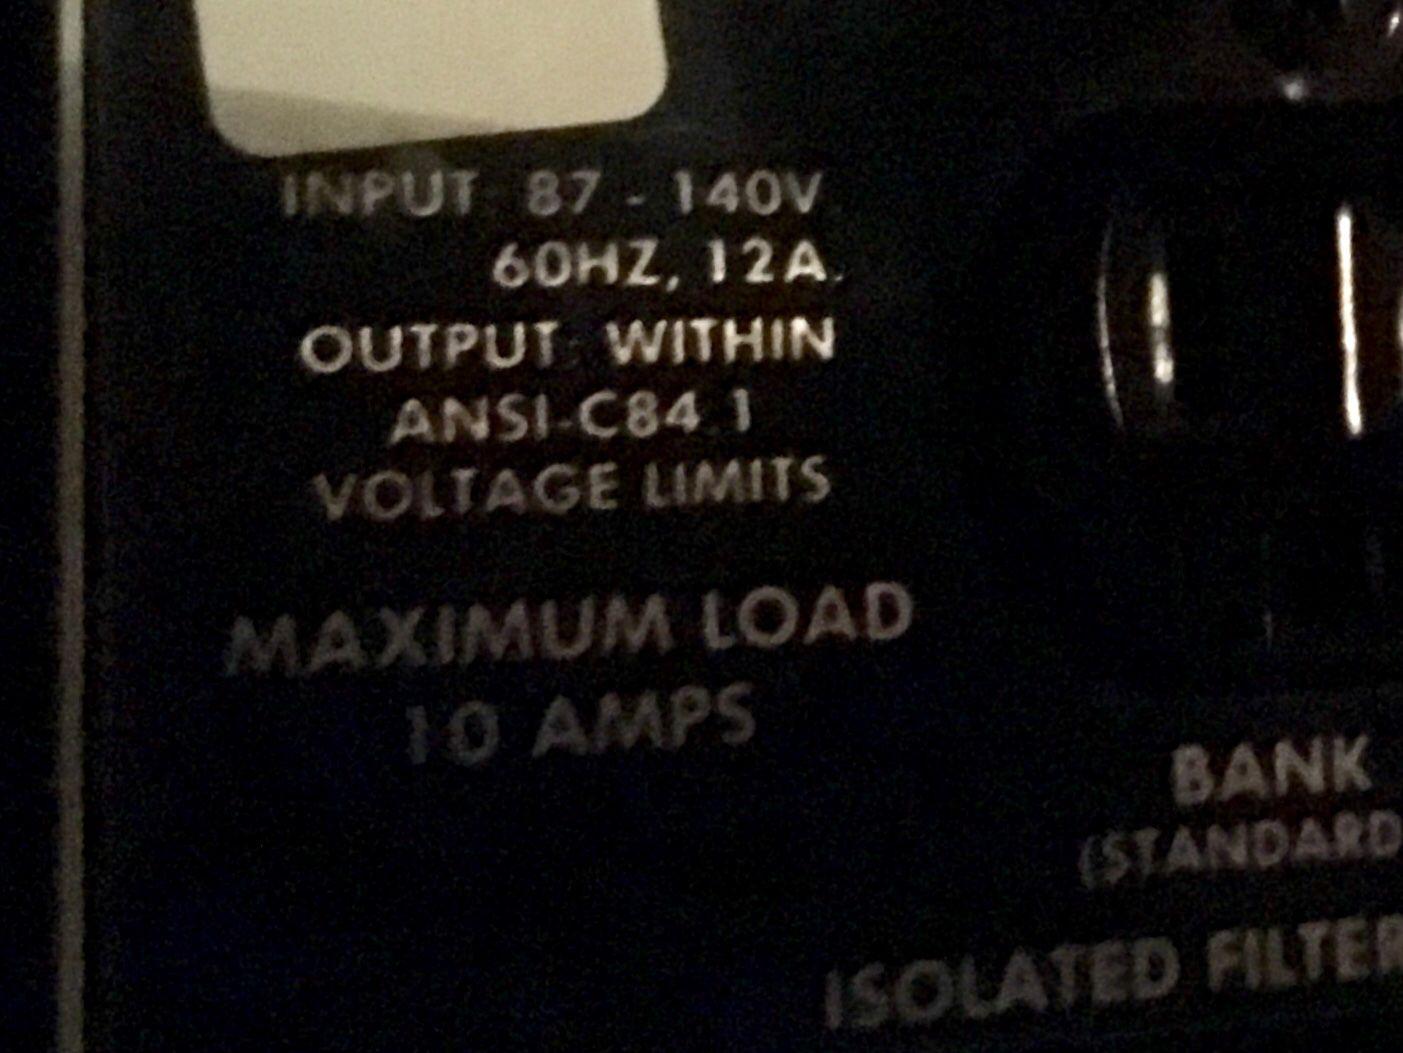 Line stabilizer conditioner